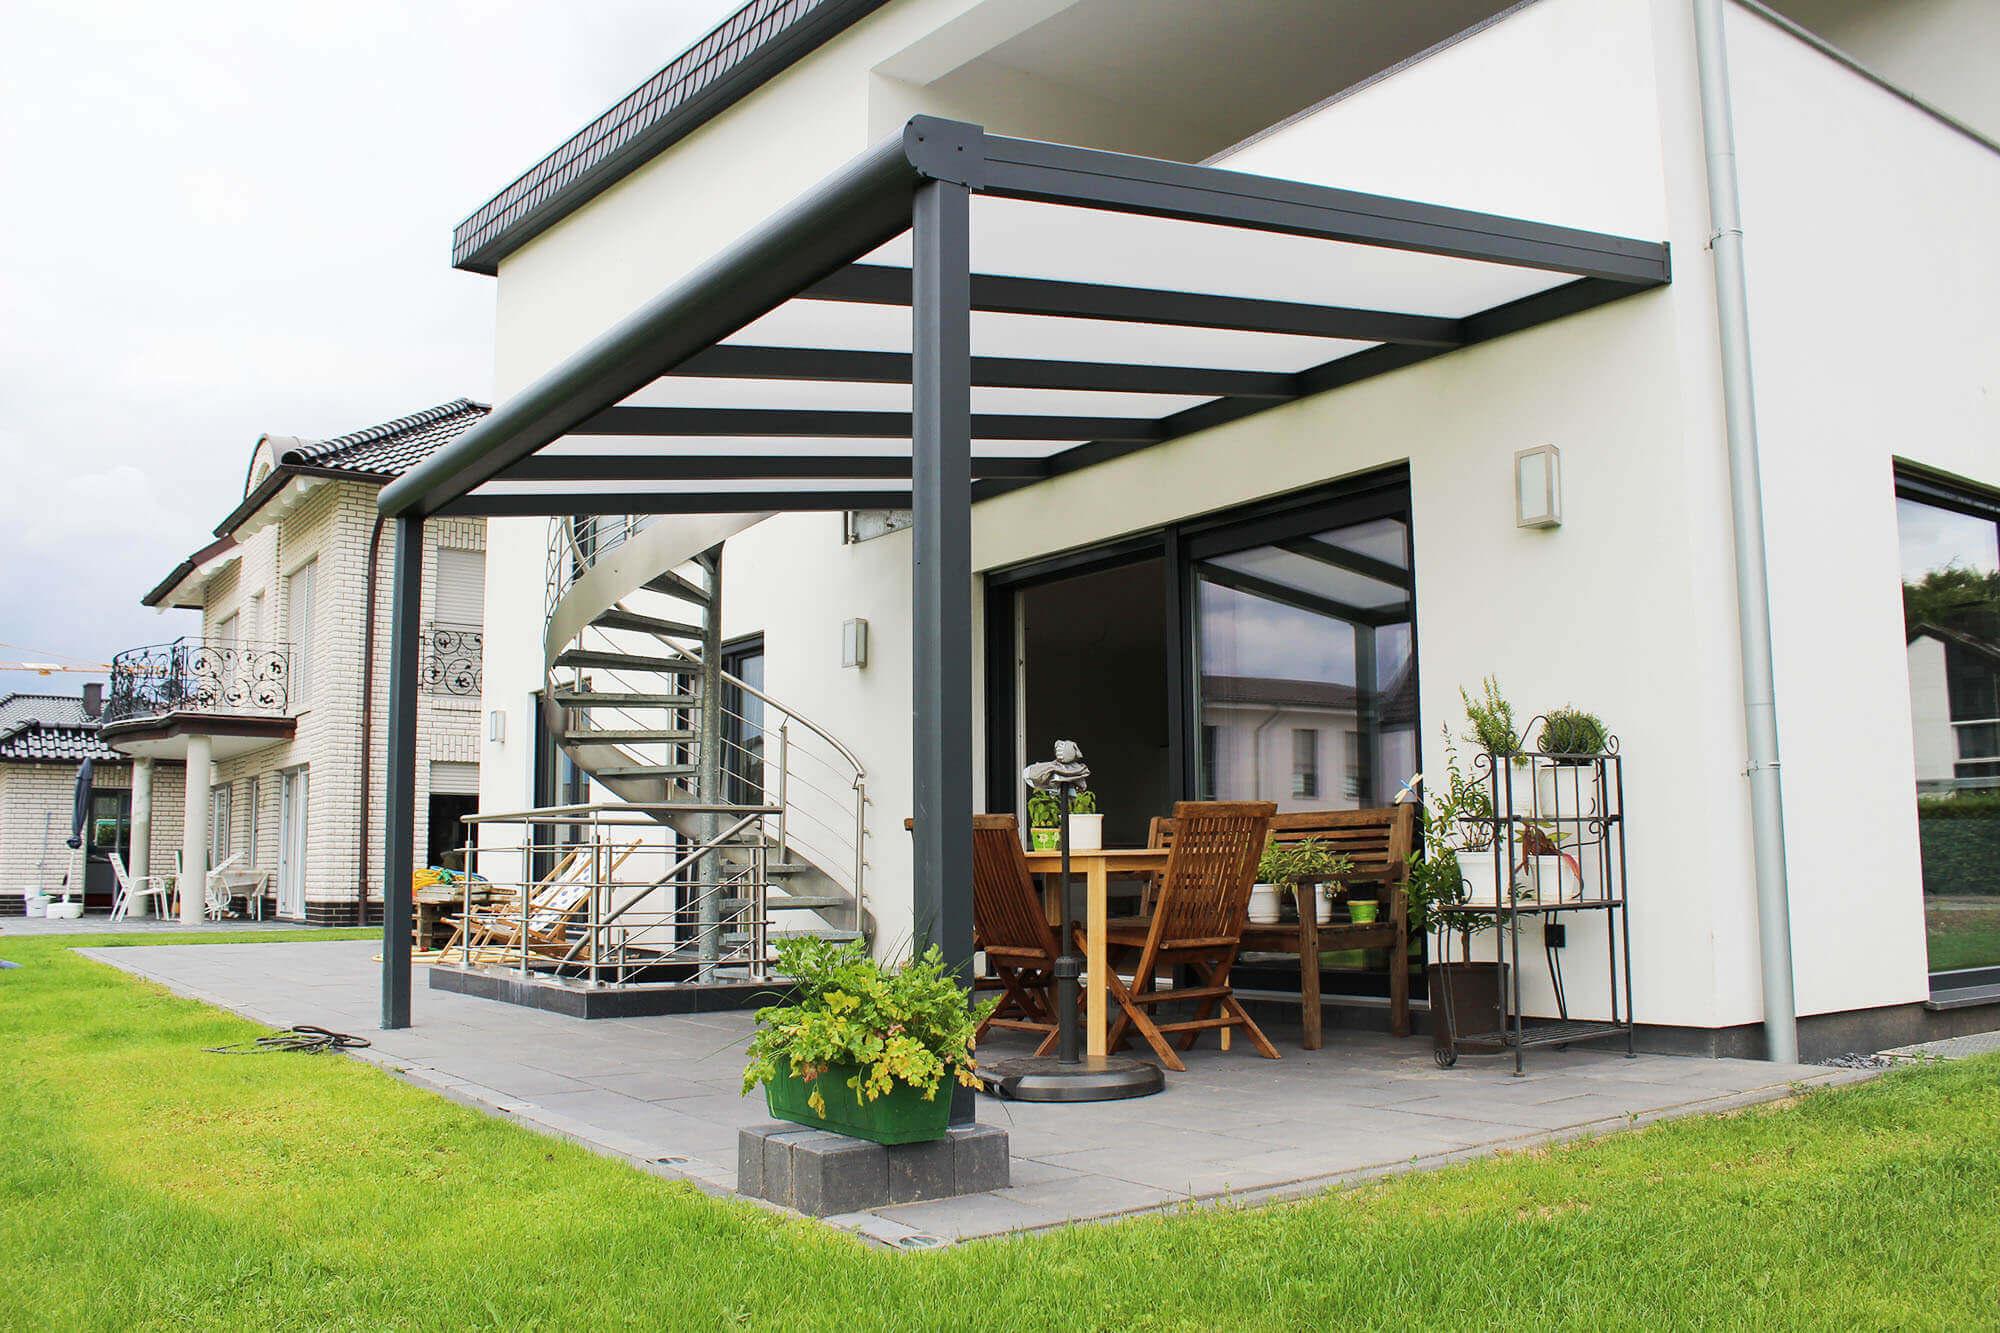 Terrassenüberdachung aus Aluminium mit milchigem Glas an weißem Haus und sich drehender Treppe daneben